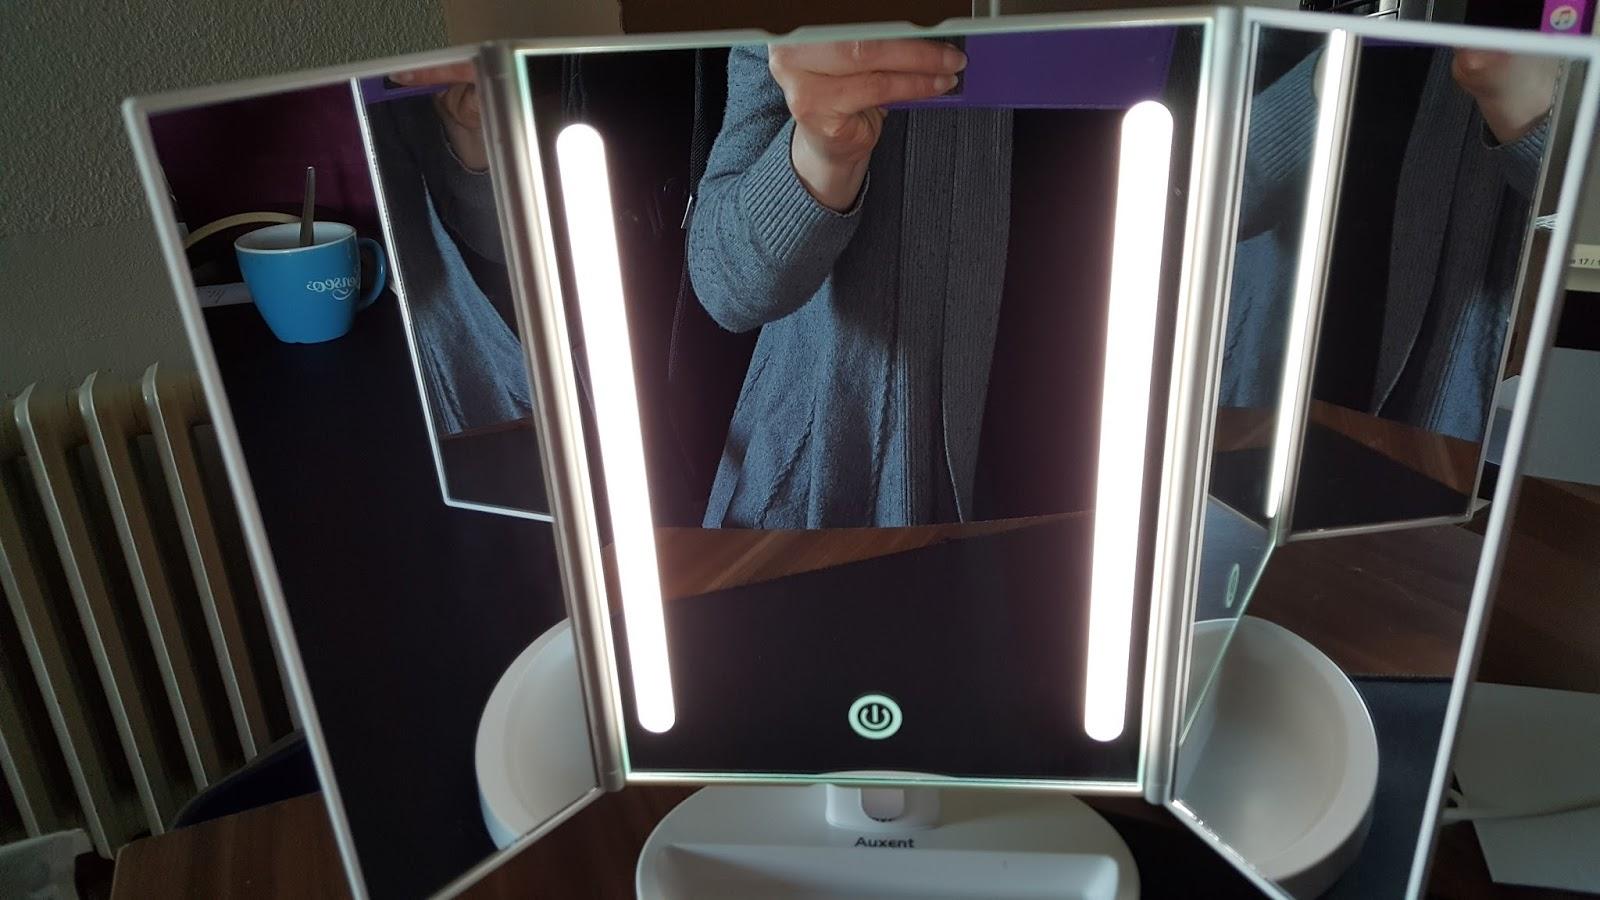 Mona's Blog: Auxent 3 Seiten Kosmetikspiegel Mit LED